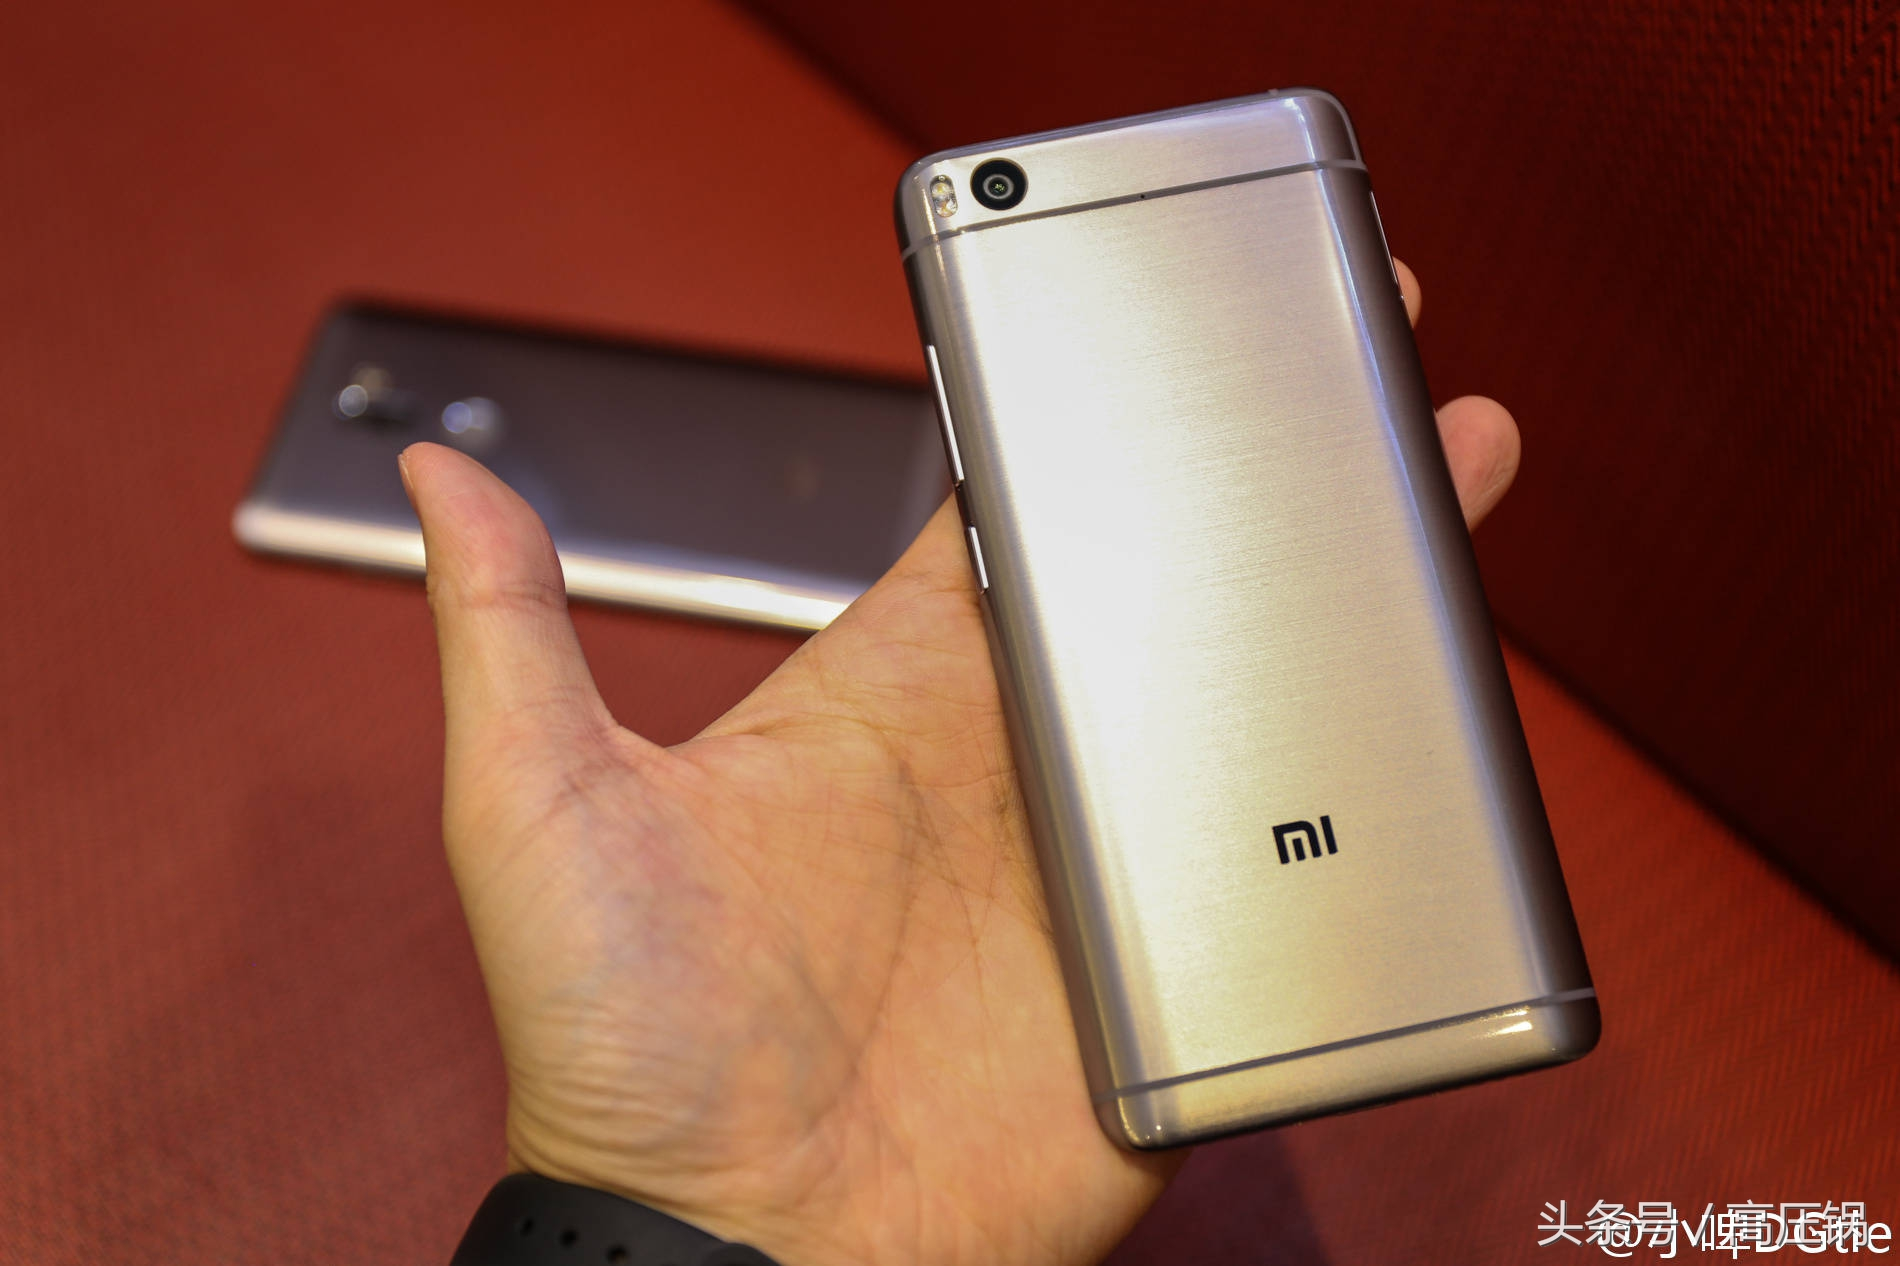 都说小米手机5S丑,这种真机照片对你说小米手机5S究竟有多漂亮!